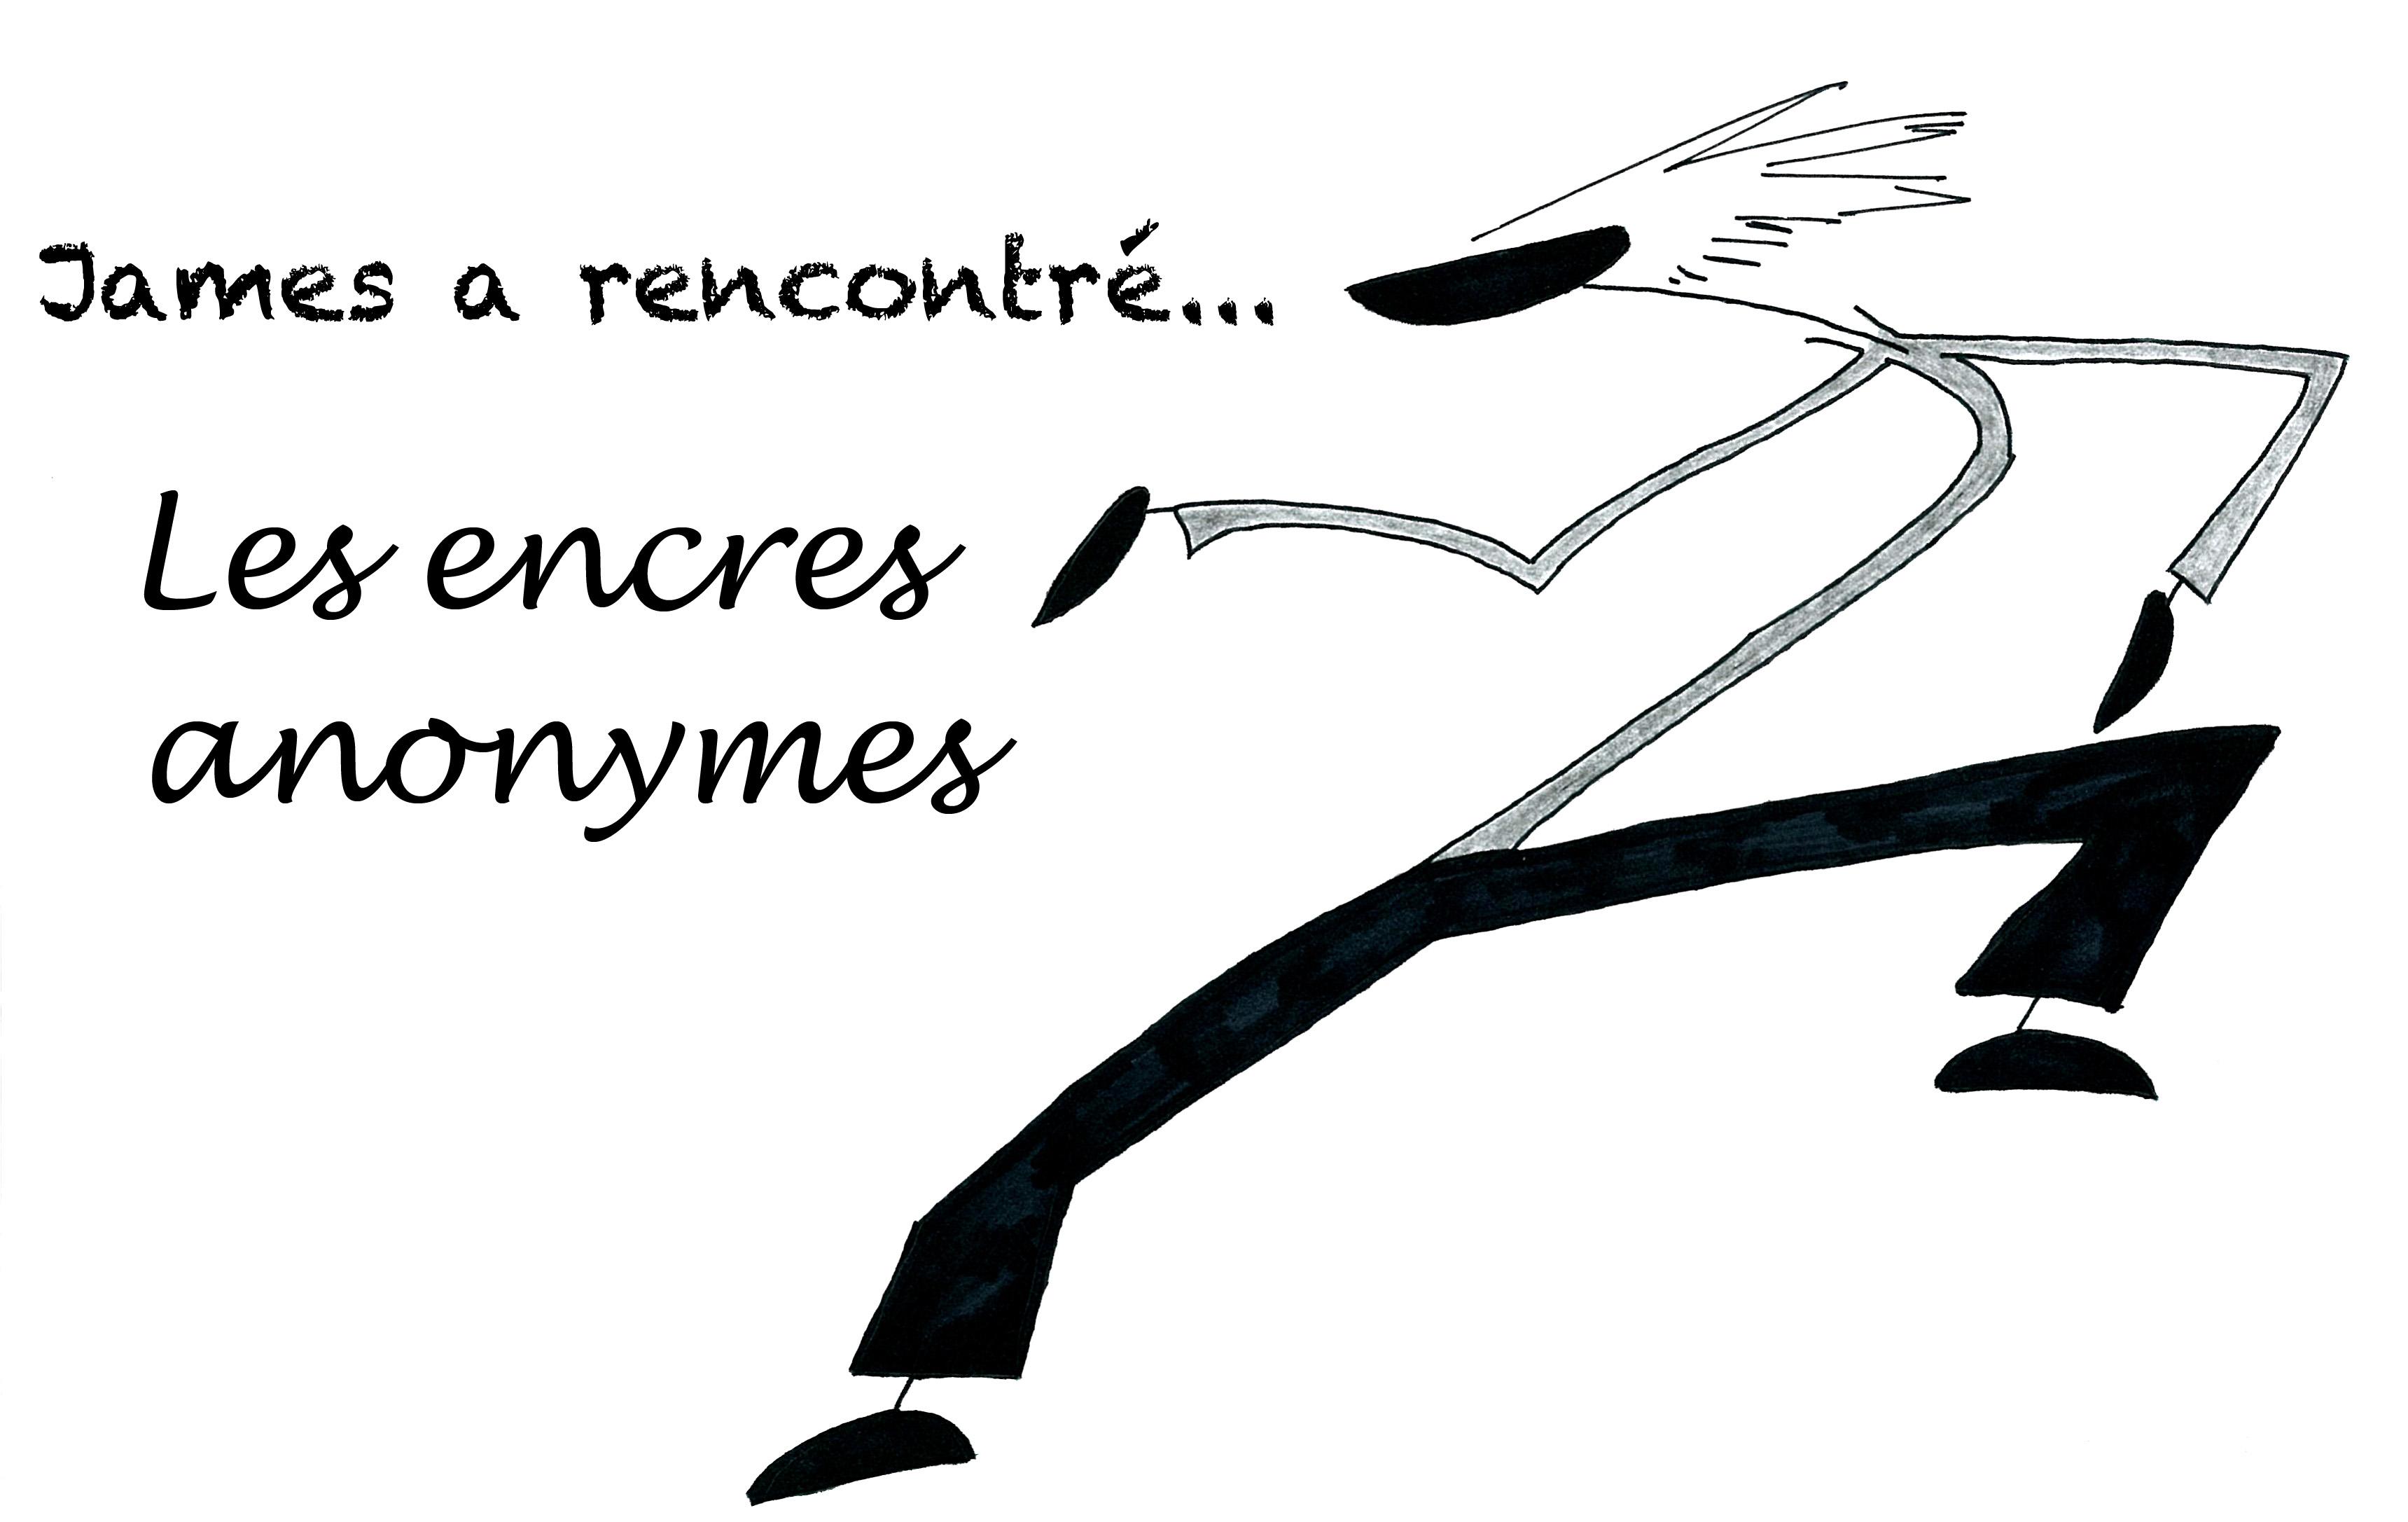 James a rencontré... Les encres anonymes, James a rencontré..., James, Romain Ravenel, James & Cie, James & Cie - Les écarts, james et compagnie, james et compagnie les écarts, Les encres anonymes,